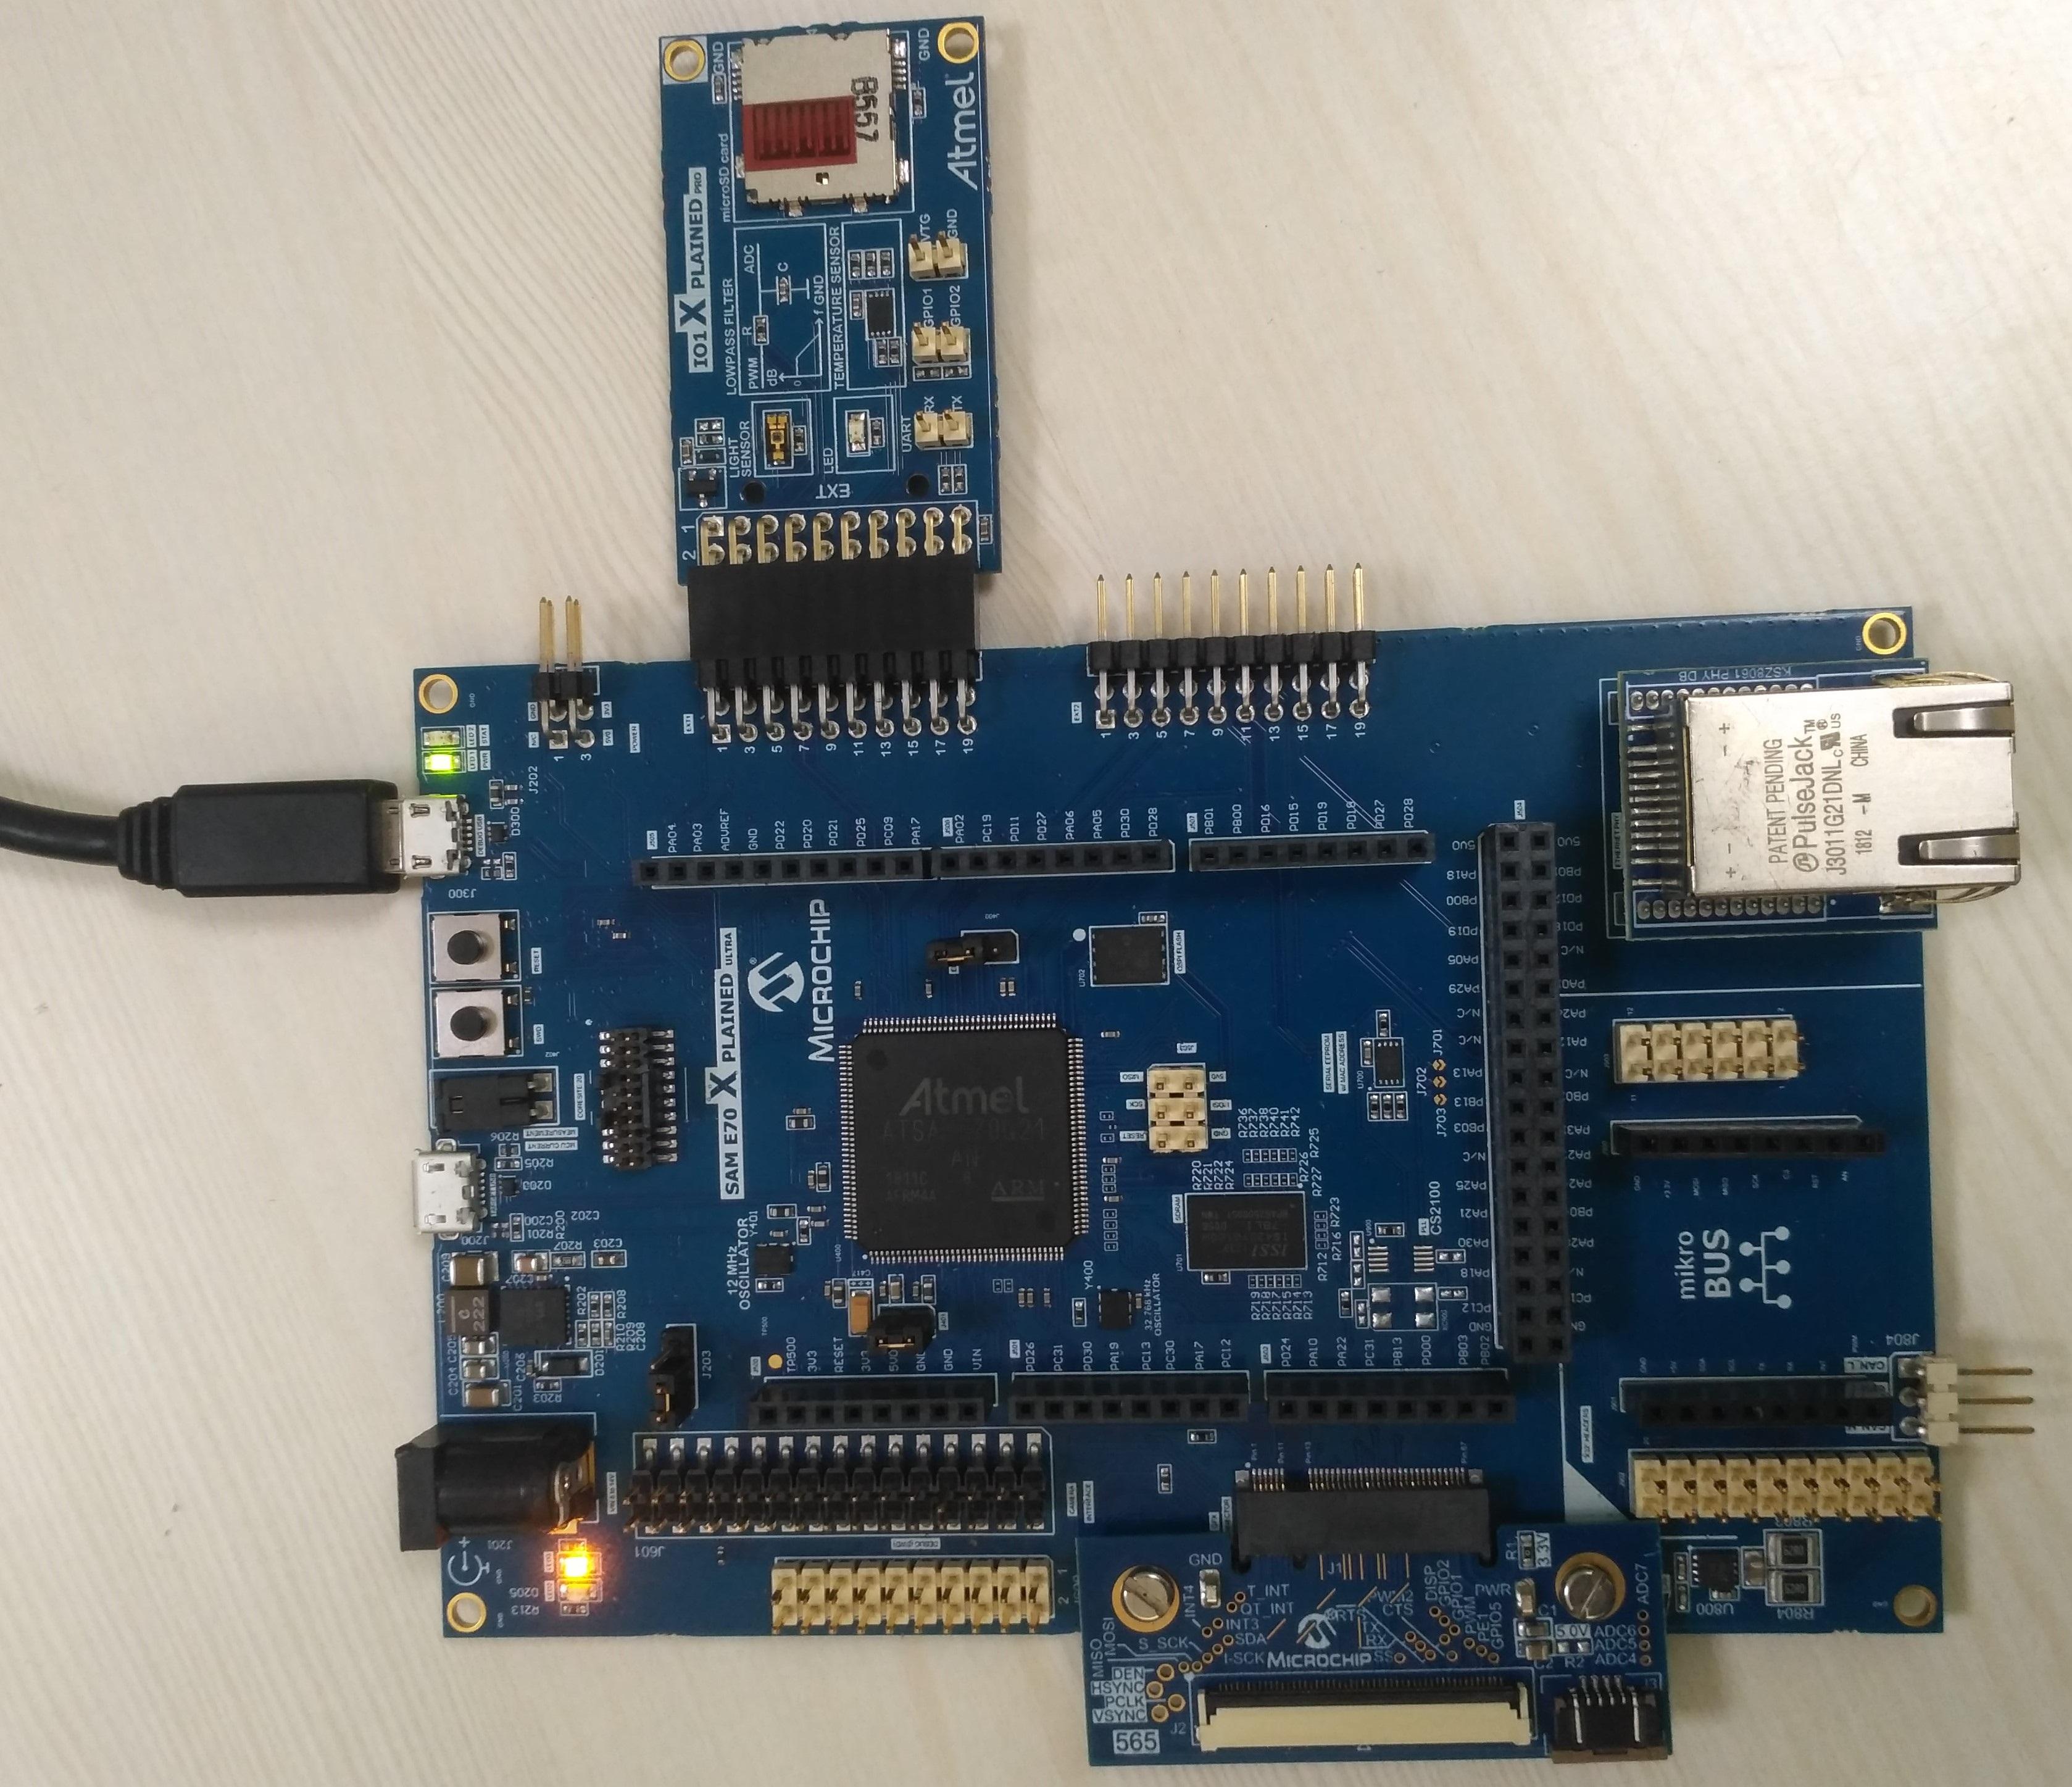 Hardware_setup1.jpg